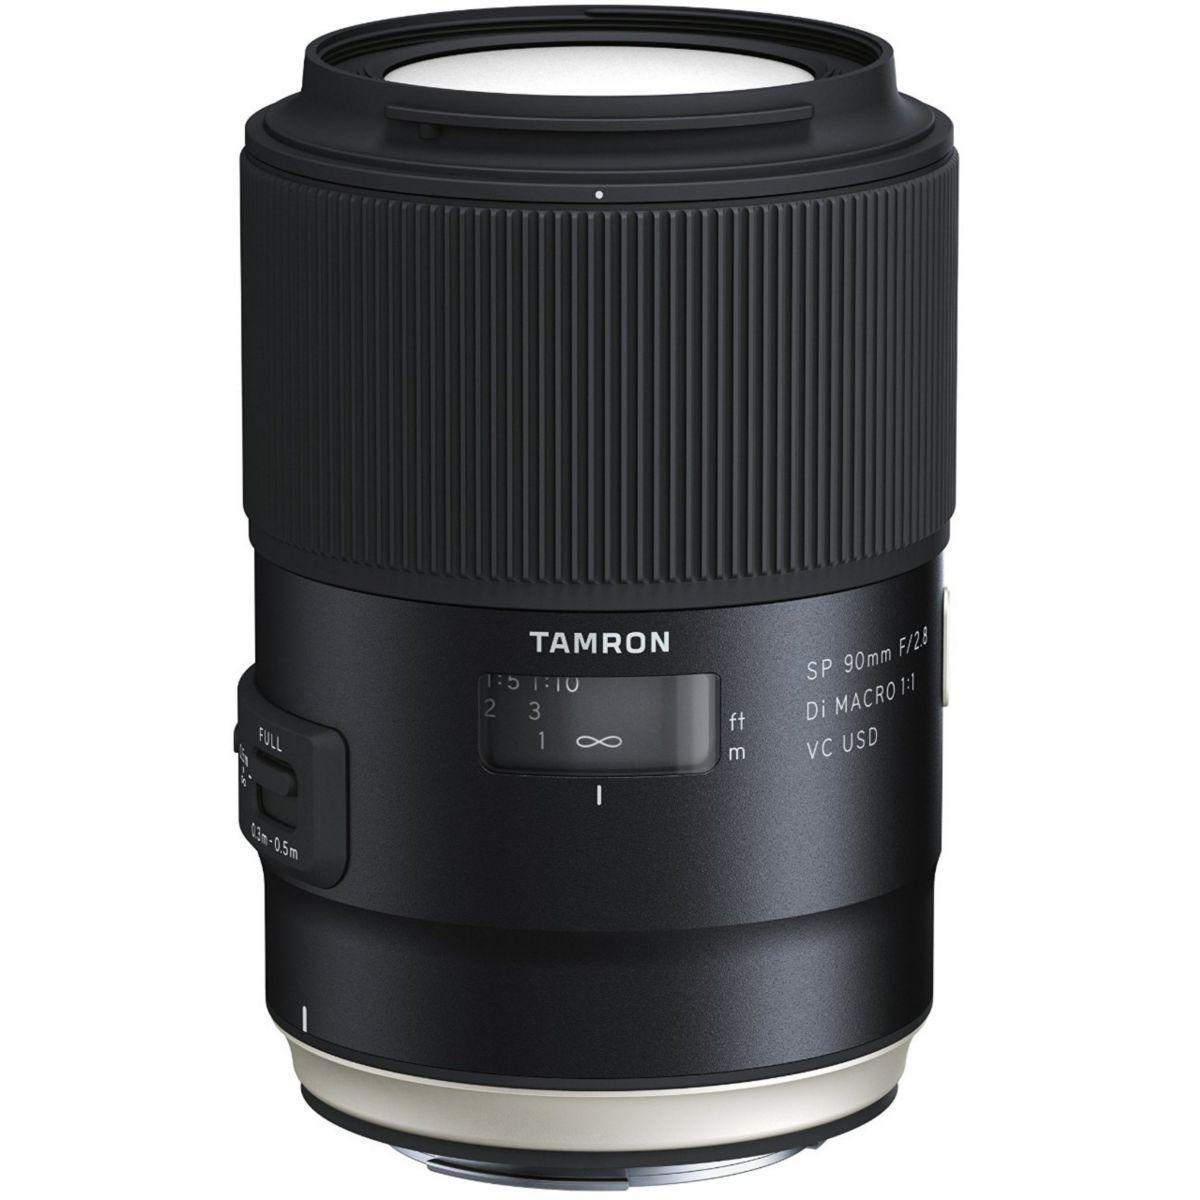 Objectif pour reflex tamron sp 90mm f2.8 di macro vc usd nikon